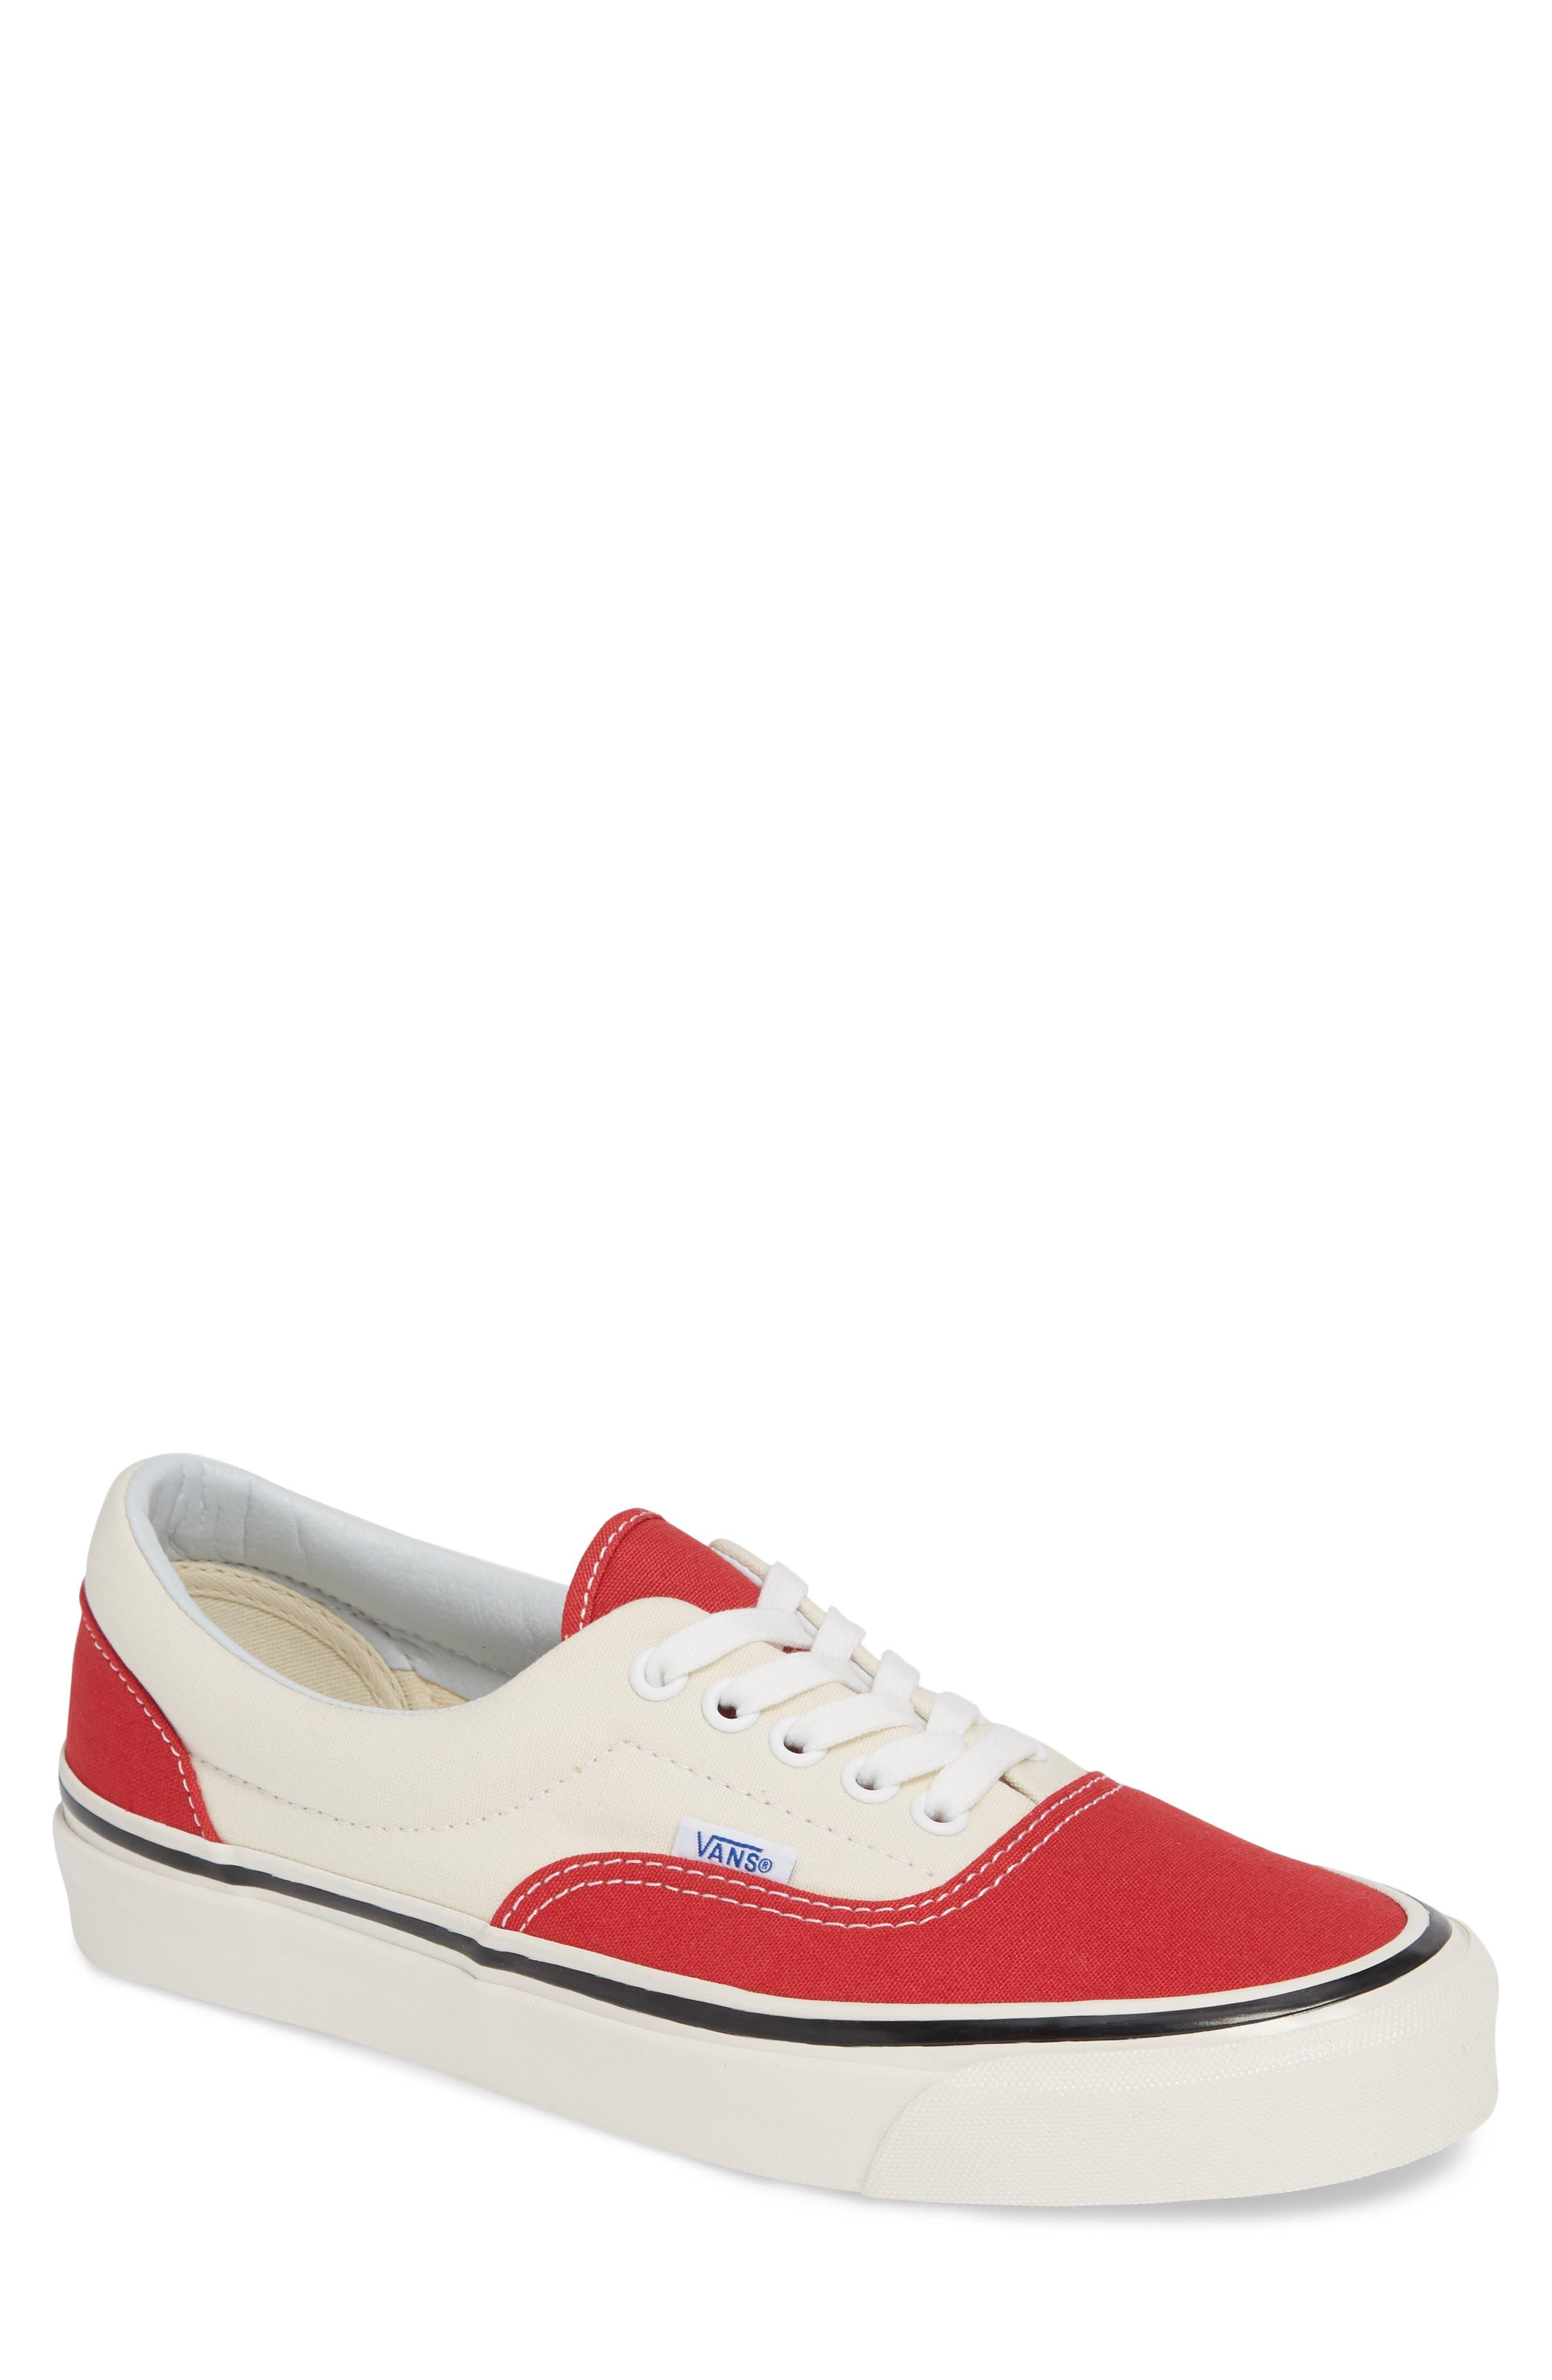 Anaheim Factory Era 95 DX Sneaker,                             Main thumbnail 1, color,                             OG RED/ OG WHITE CANVAS